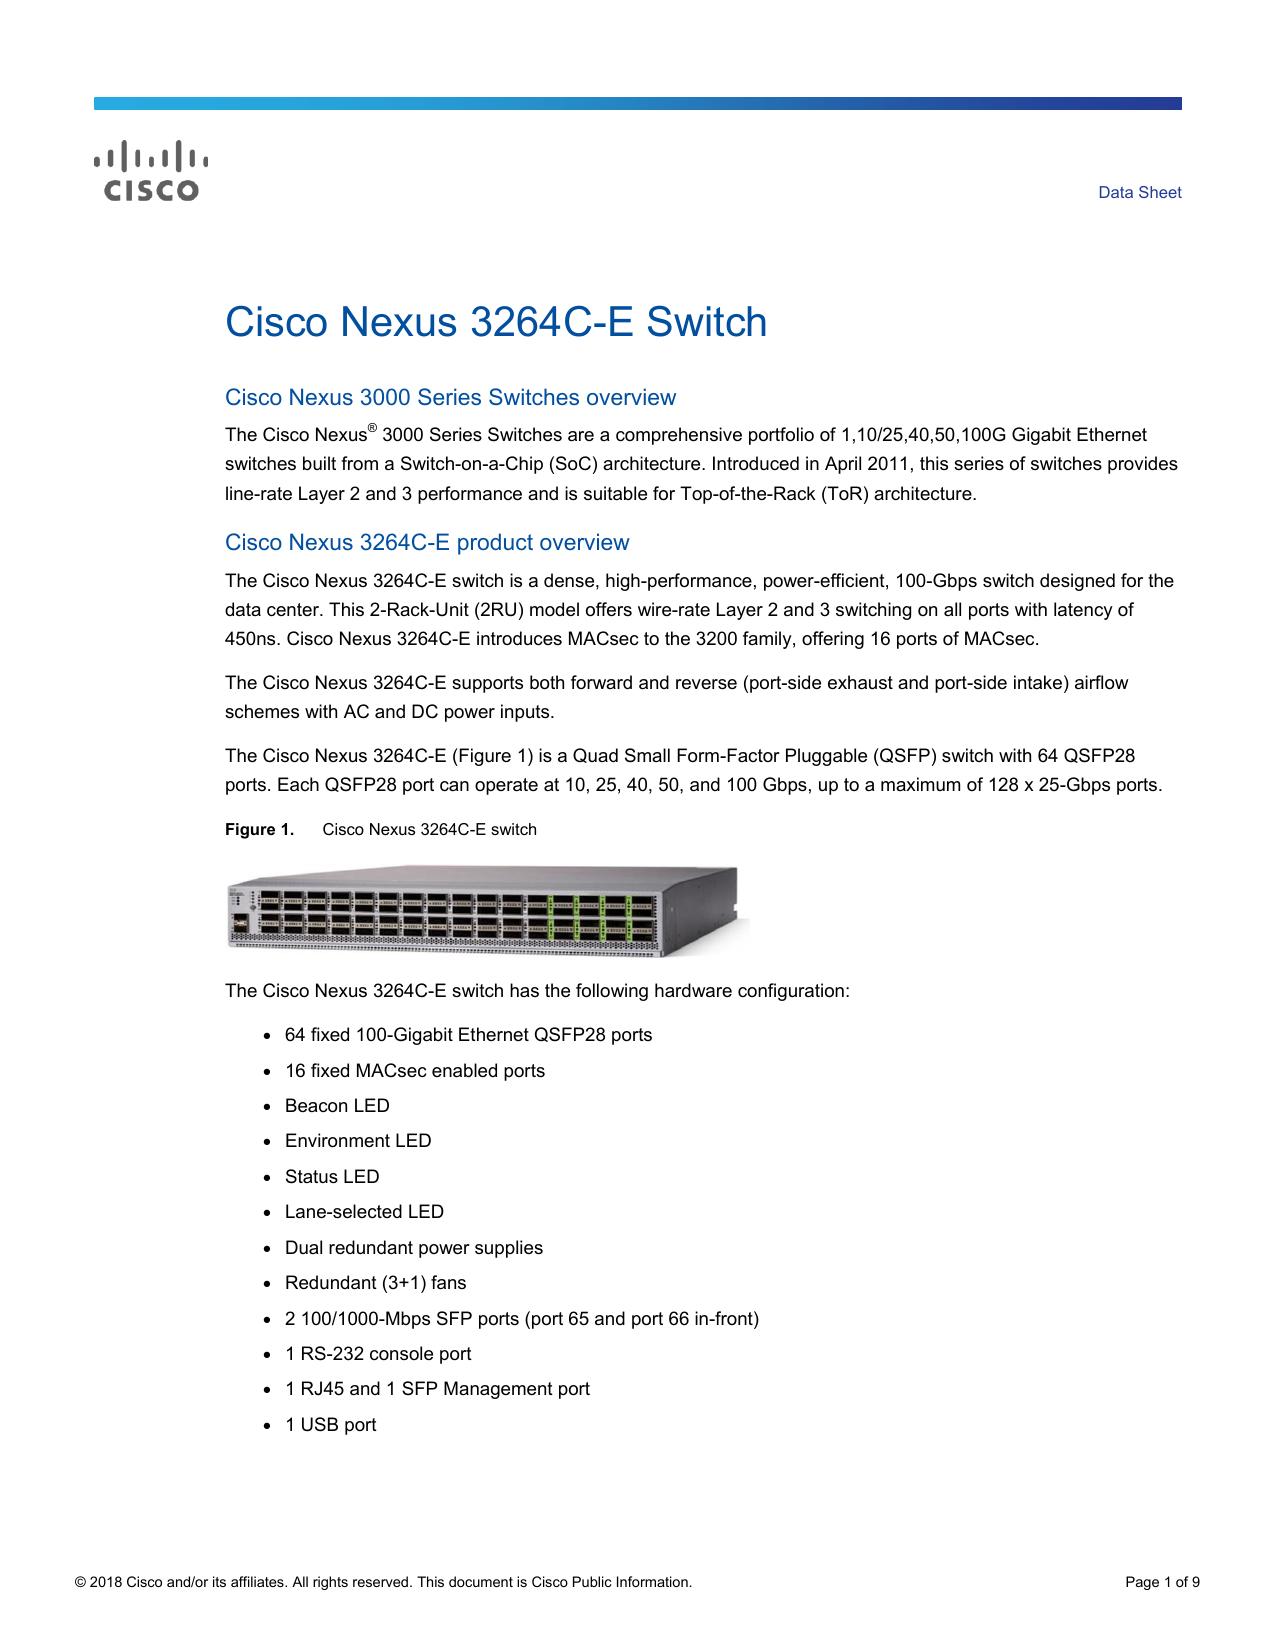 Cisco Nexus 3264C-E Switch Data Sheet | manualzz com